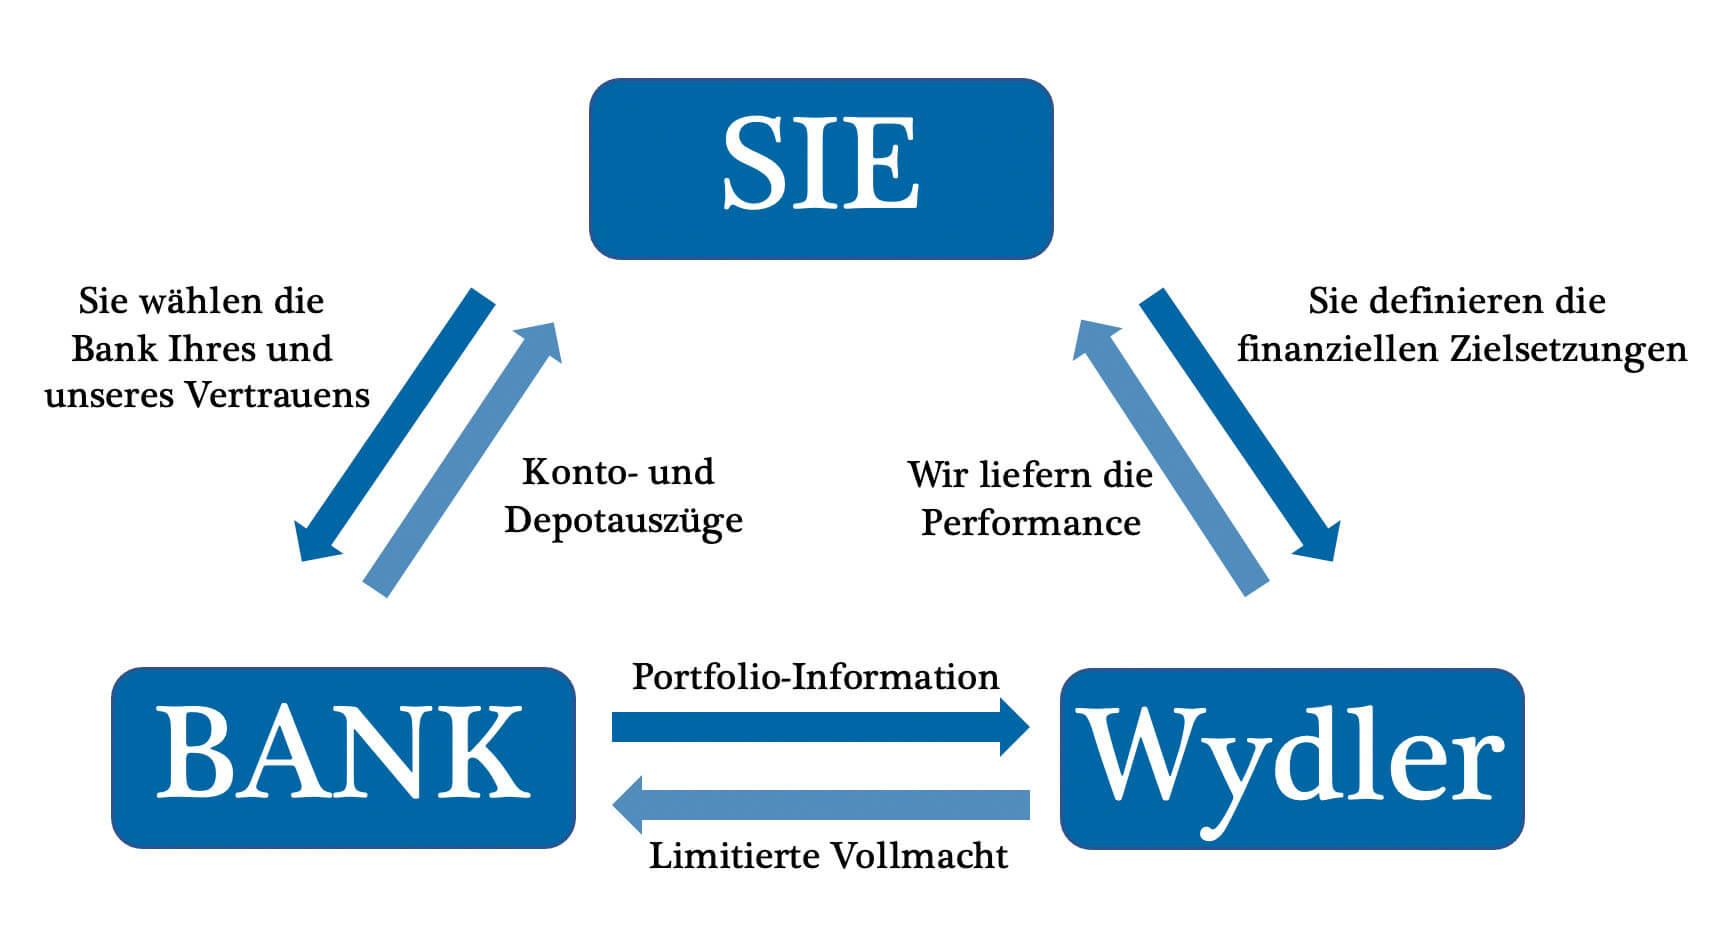 Wydler - Erkärung Zusammenhänge zwischen Kunde Bank und Vermögensverwalter